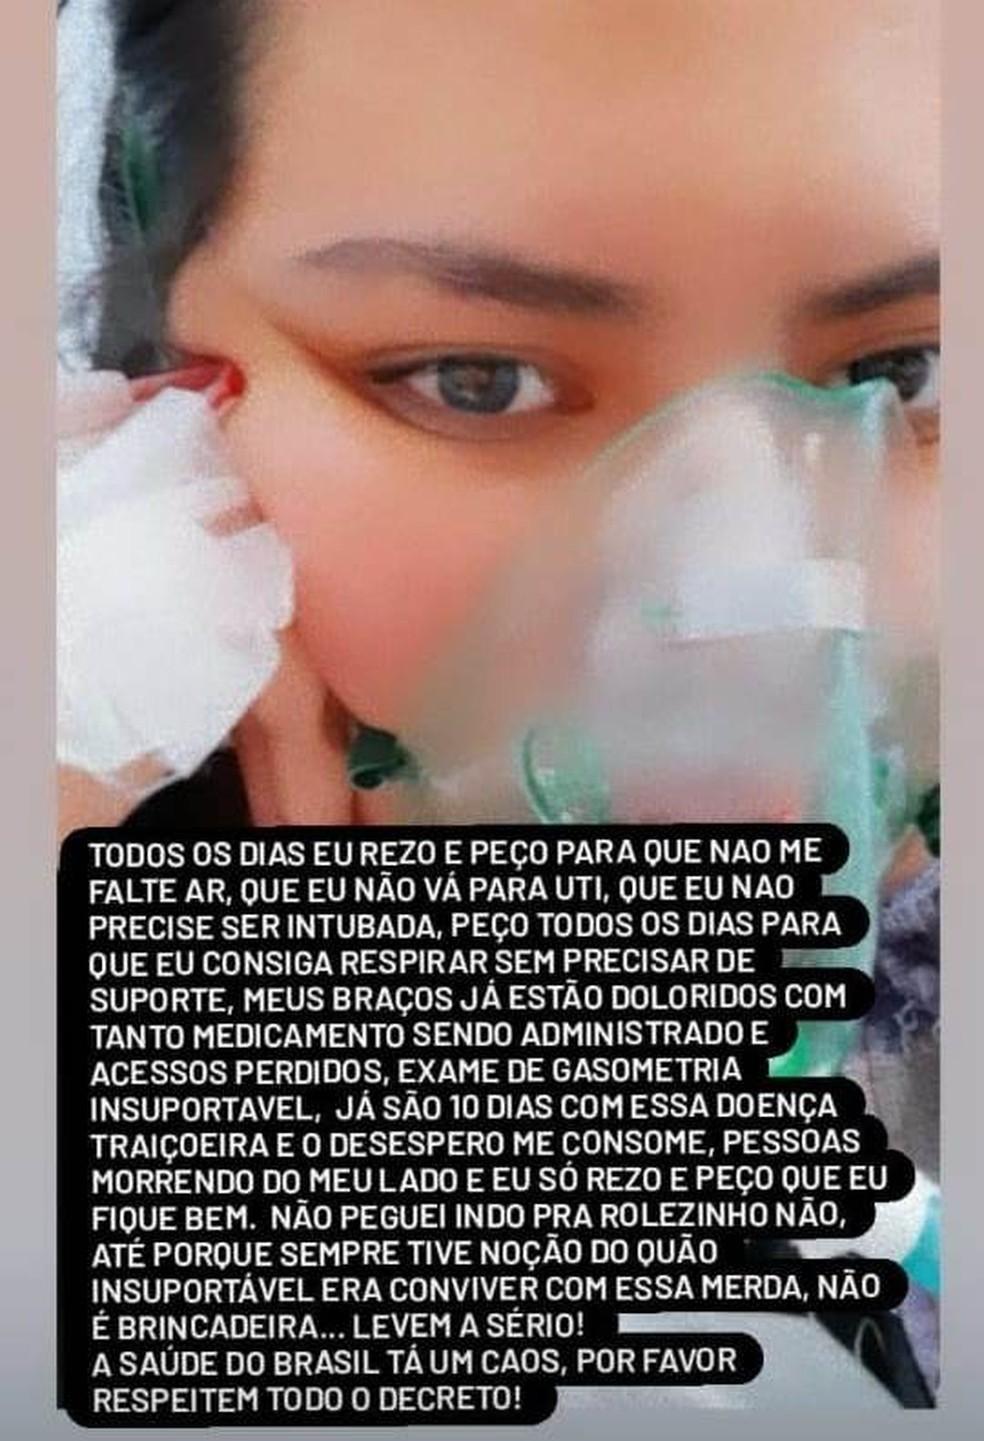 Estagiária de enfermagem, de Sorocaba, fez postagens nas redes sociais para alertar sobre a gravidade da doença — Foto: Reprodução/ Instagram